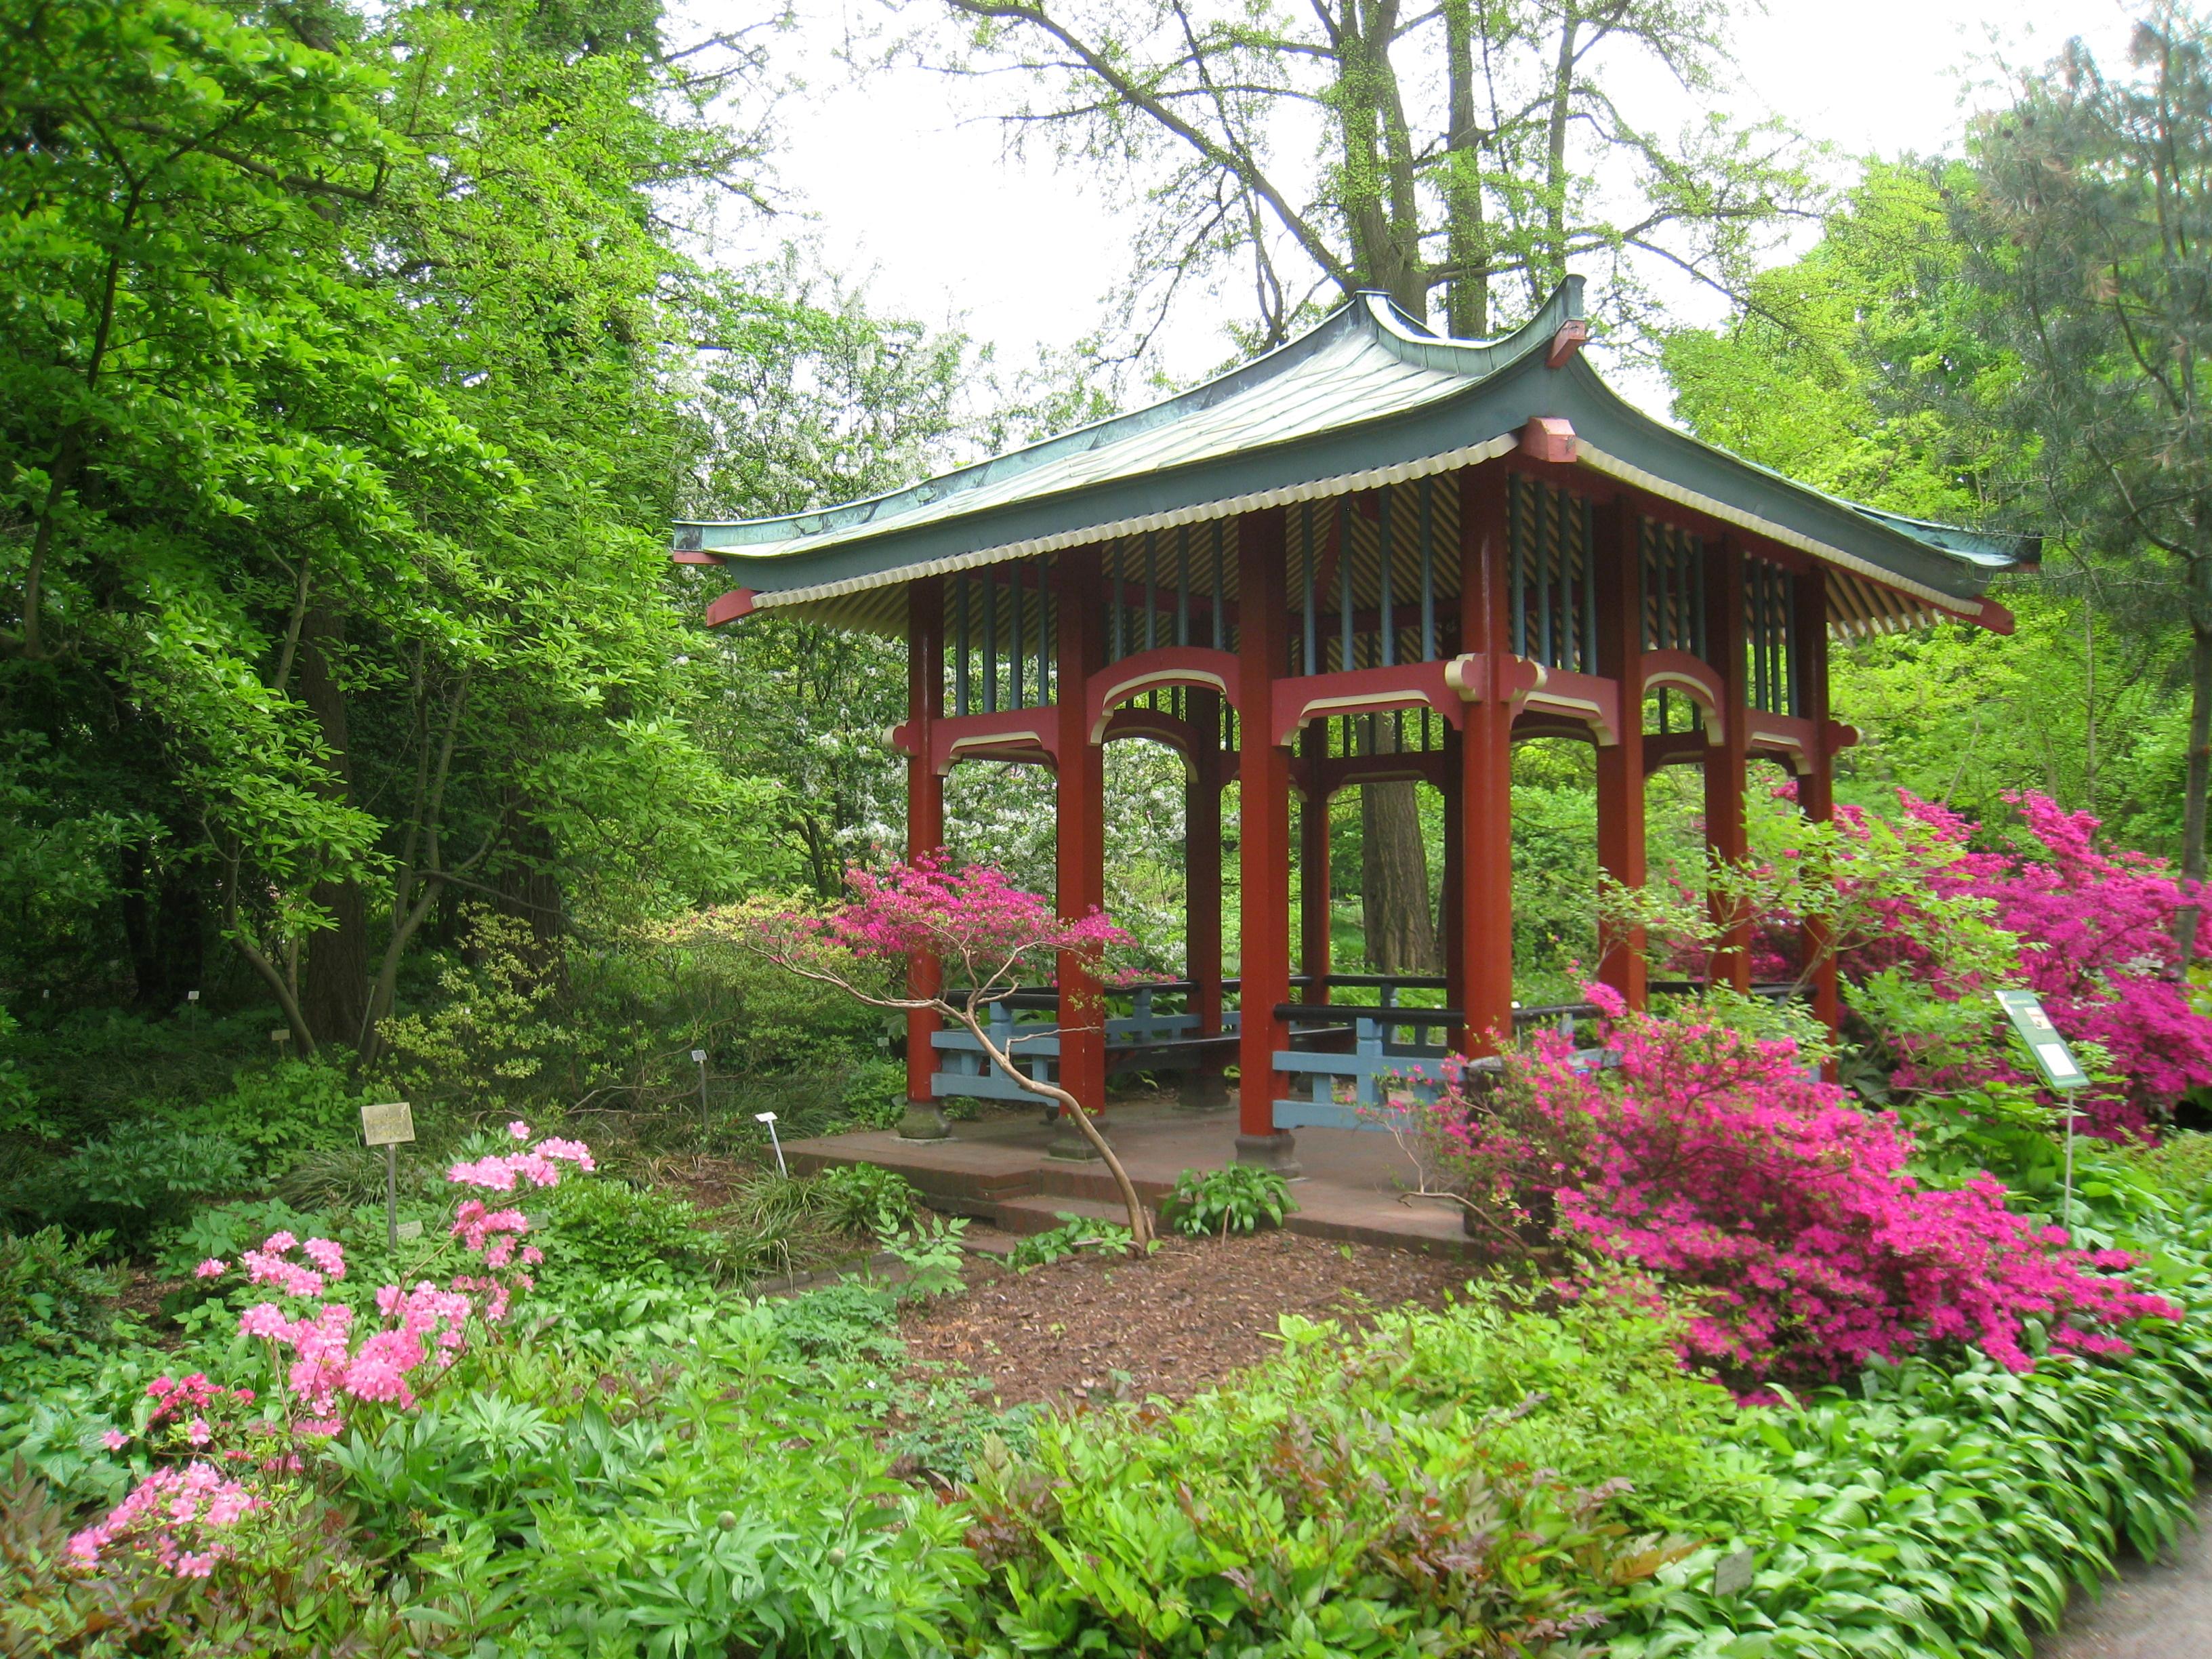 File:Botanischer Garten, Berlin-Dahlem